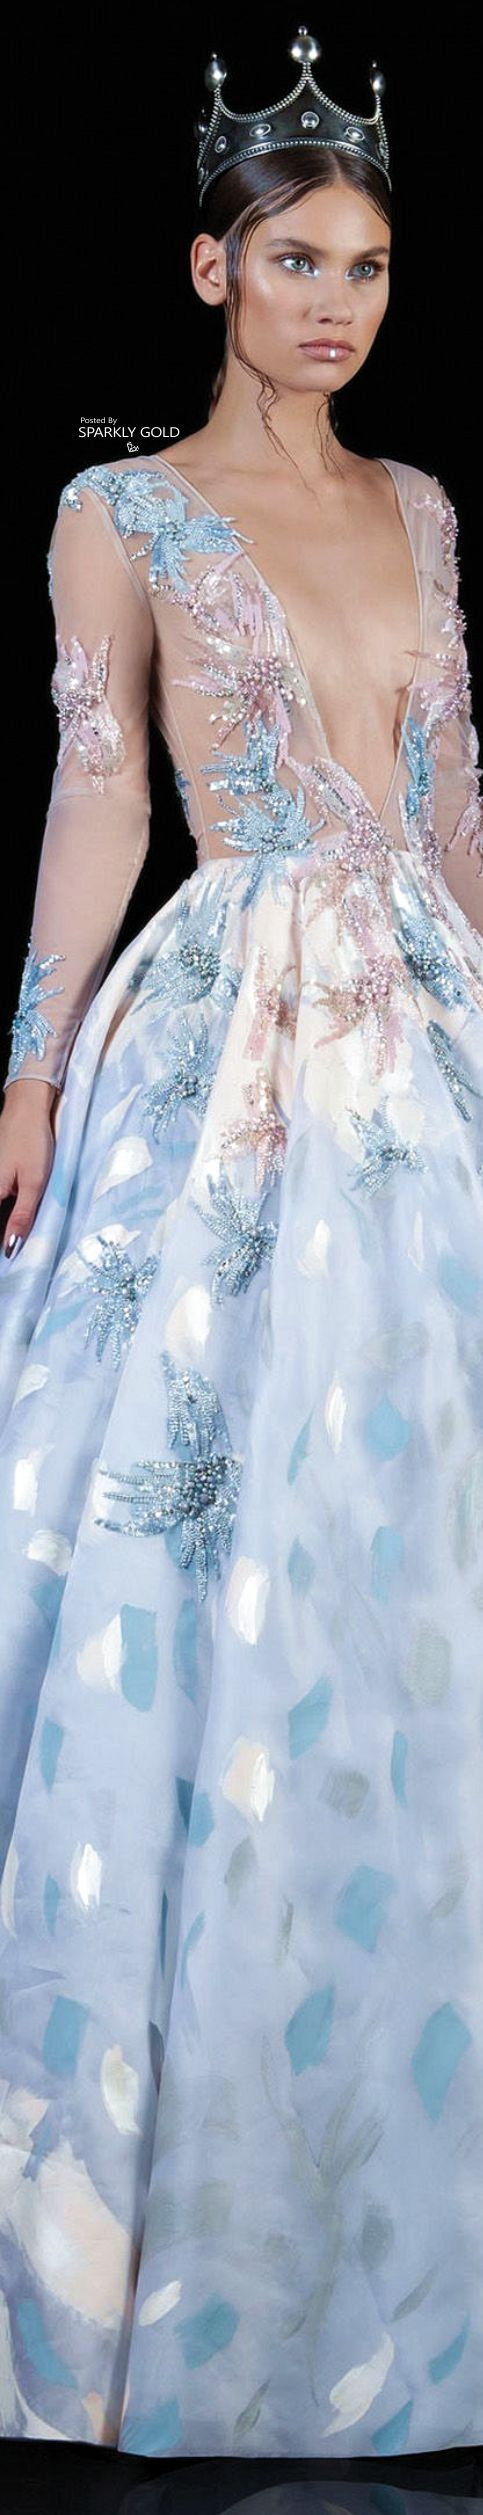 Basil Soda Fall 2017 Couture